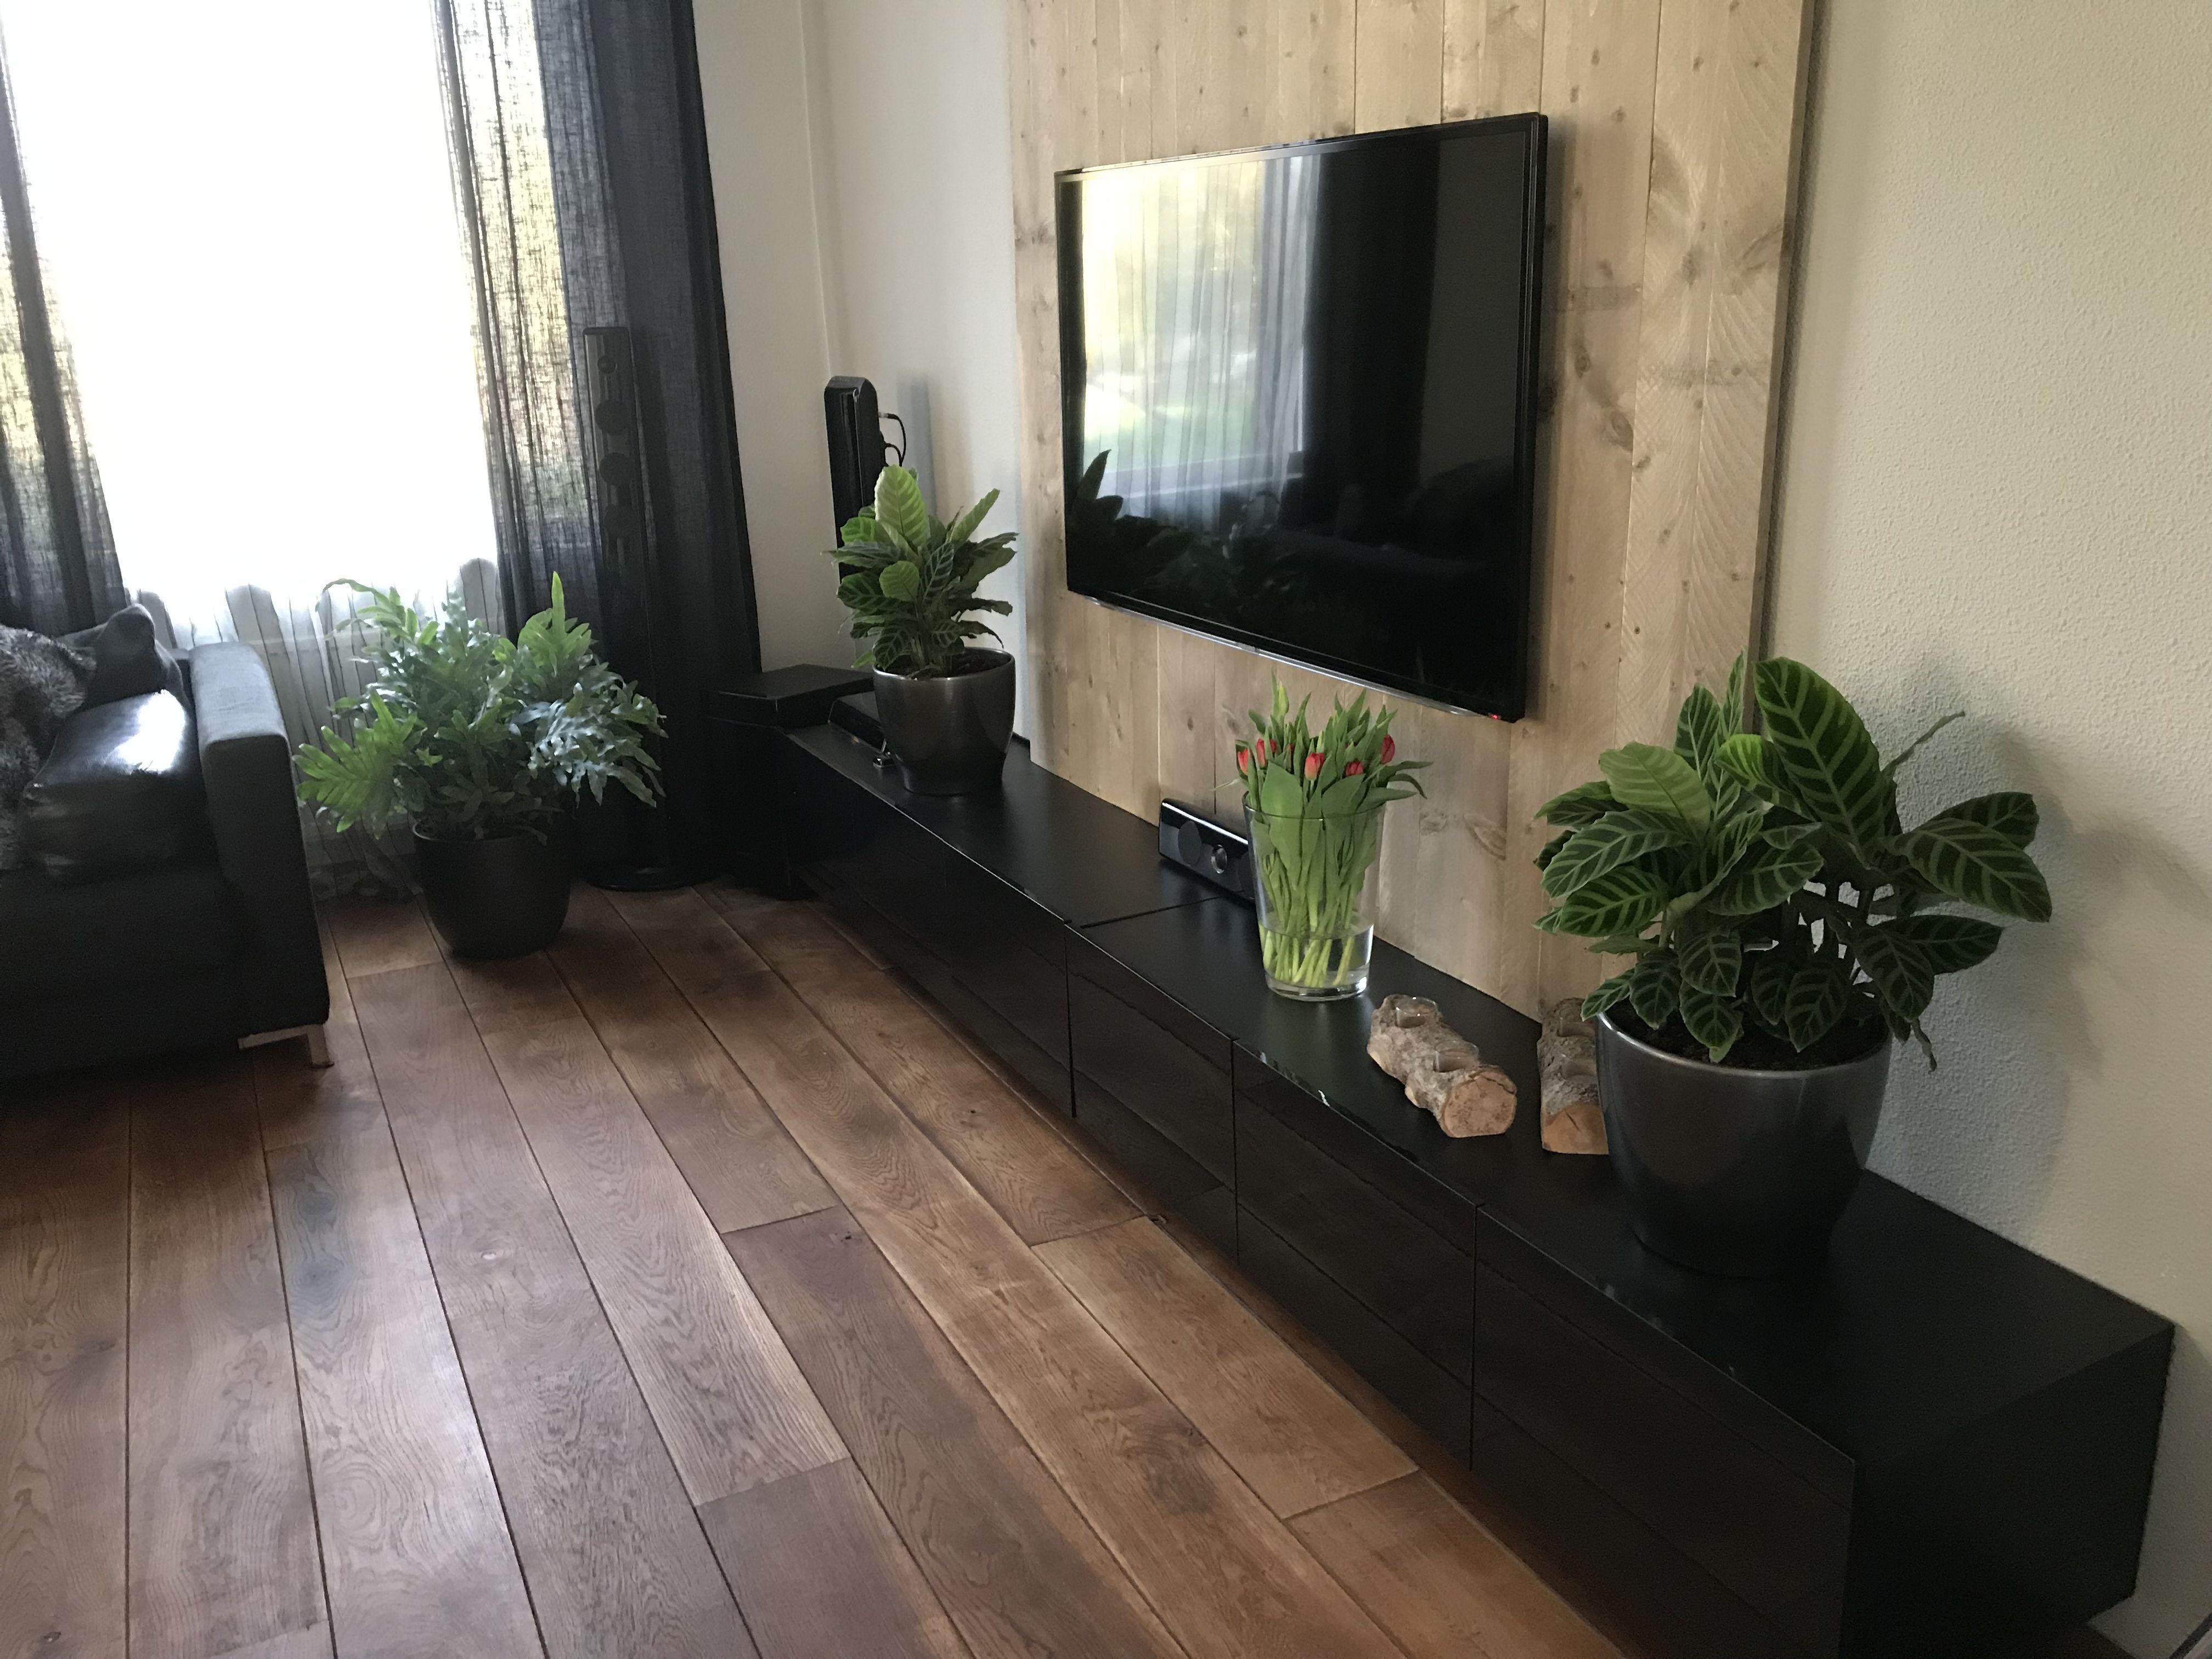 Tv Beugel Voor In Kast.Van Steiger Houten Planken Een Wall Gemaakt Met Tv Beugel En